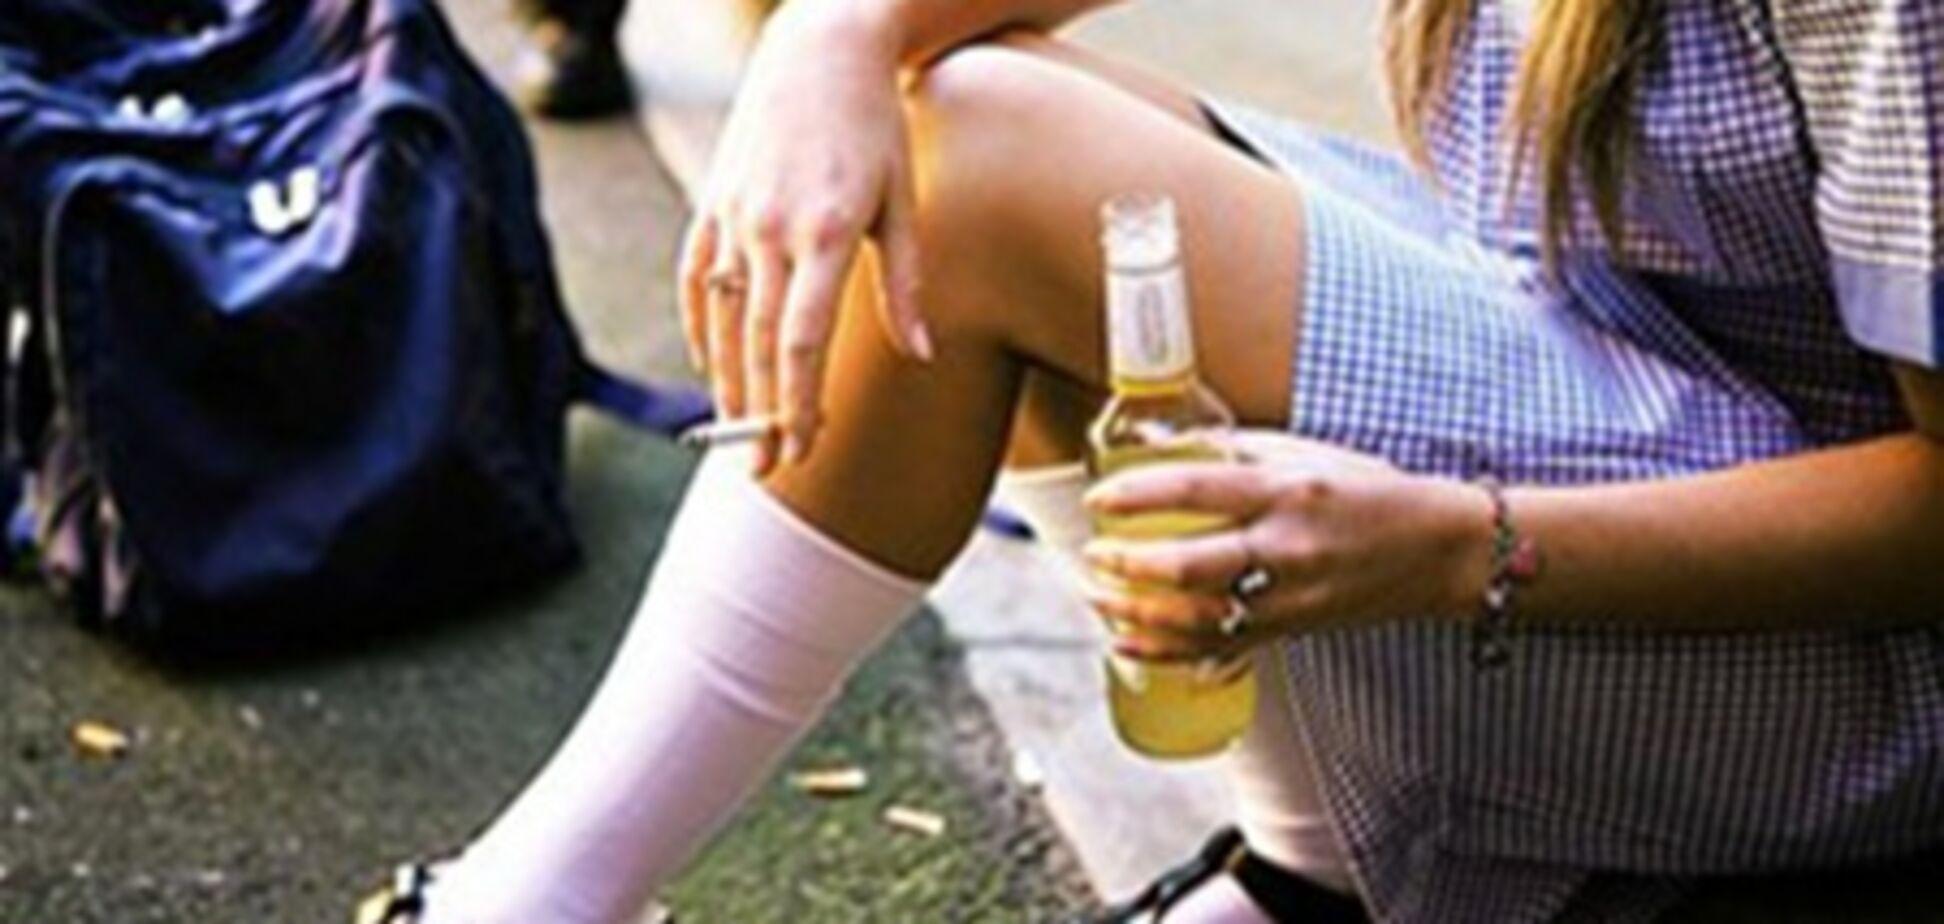 За продажу алкоголя детям предпринимателей оштрафовали на 2 млн